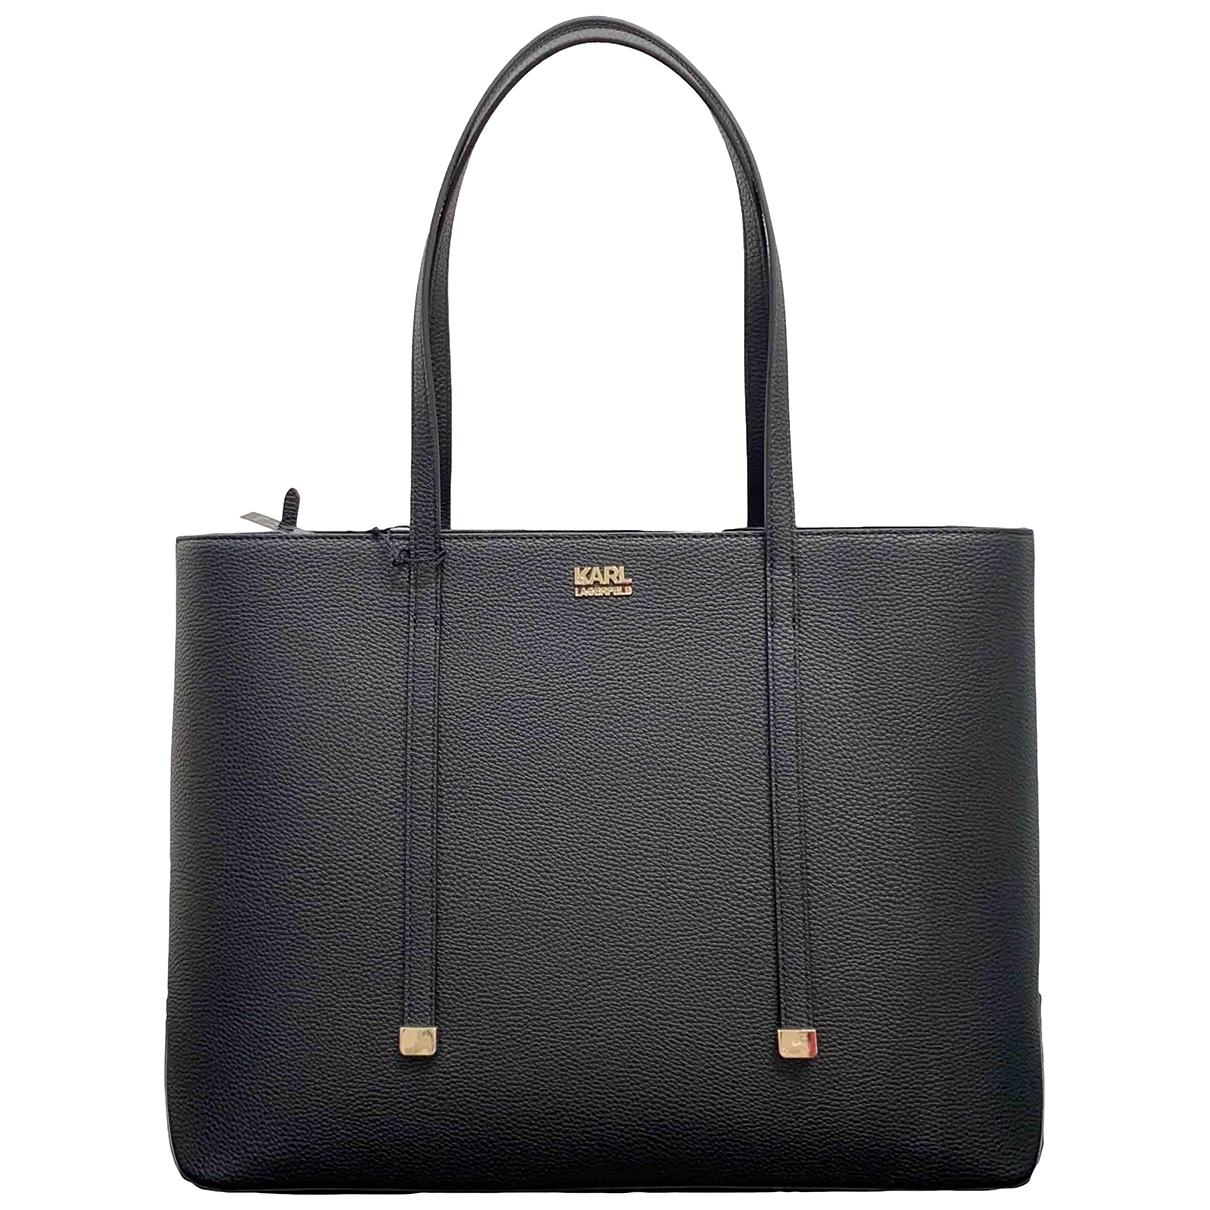 Karl Lagerfeld \N Black handbag for Women \N